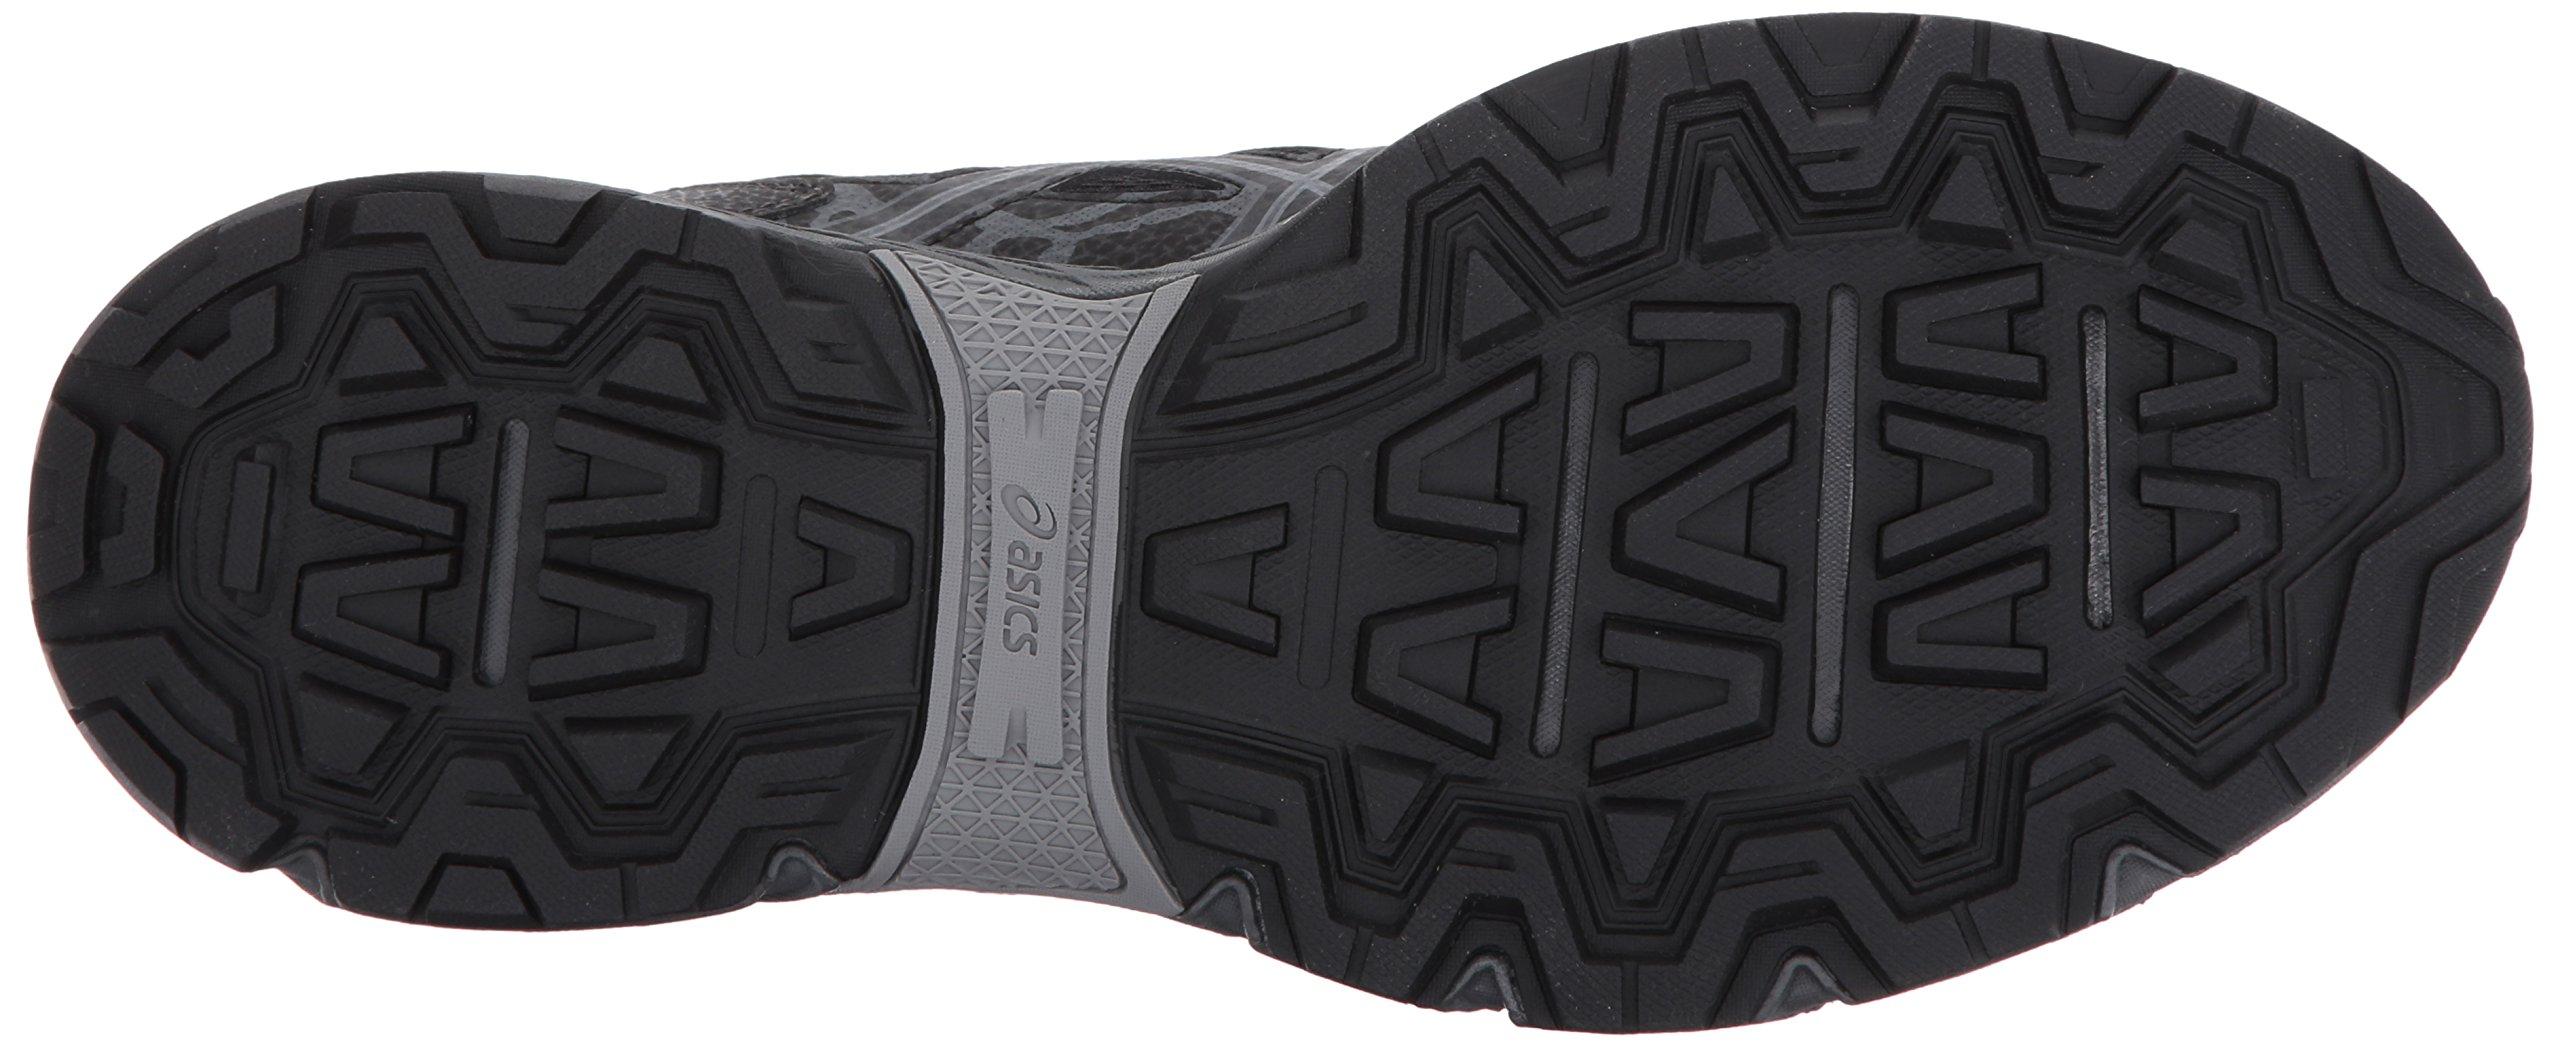 ASICS Mens Gel-Venture 6 Running Shoe, Black/Phantom/Mid Grey, 7 Medium US by ASICS (Image #3)